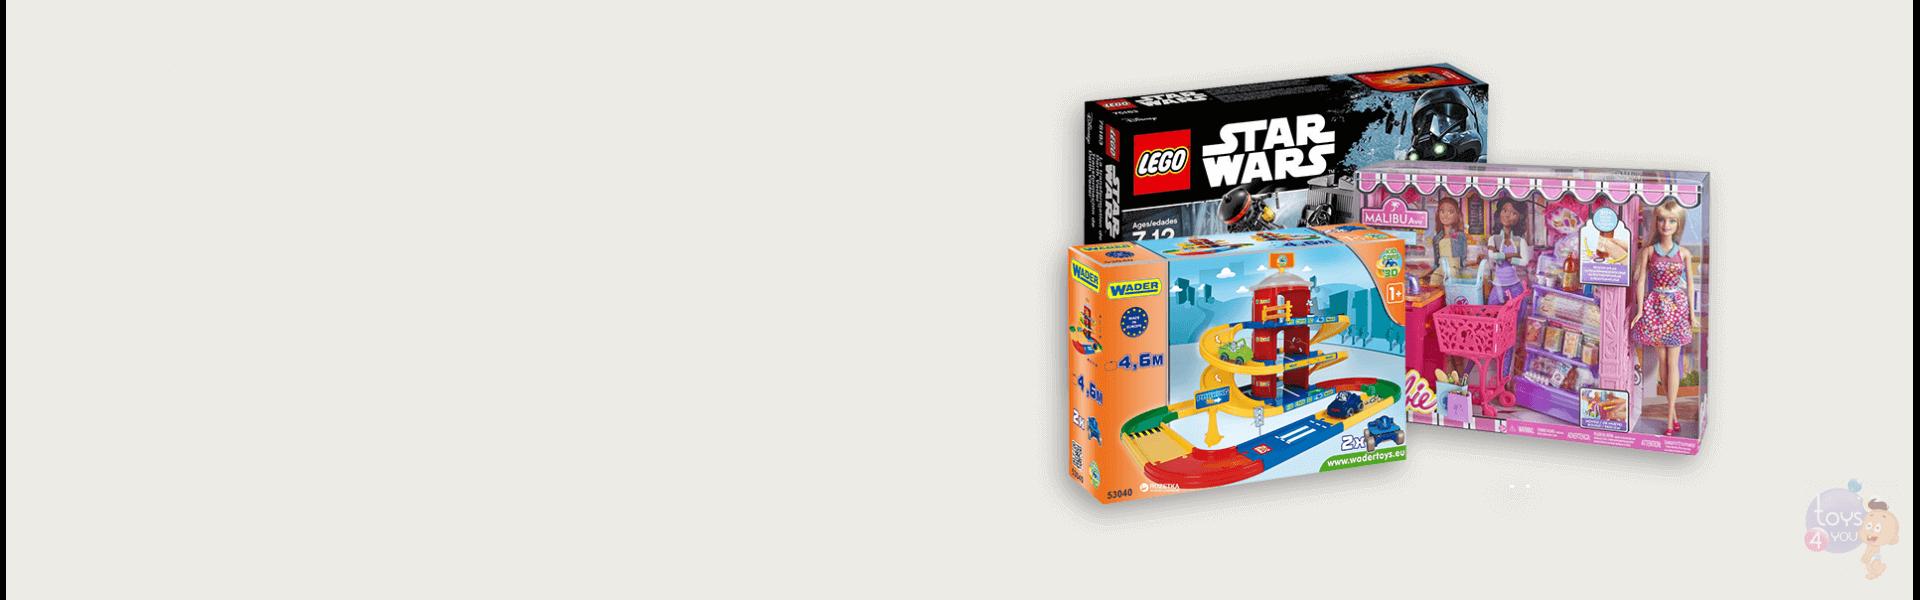 Брендовые игрушки по доступным ценам|Надежные, безопасные, яркие, красиво оформленные – все это игрушки известных брендов. Они – проверены временем. Будут передаваться в вашей семье от ребенка к ребенку.